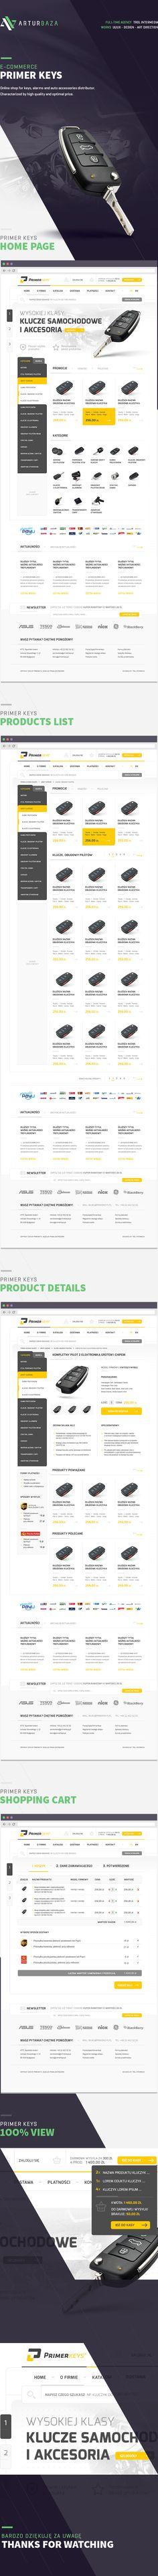 Primer Keys e-commerce